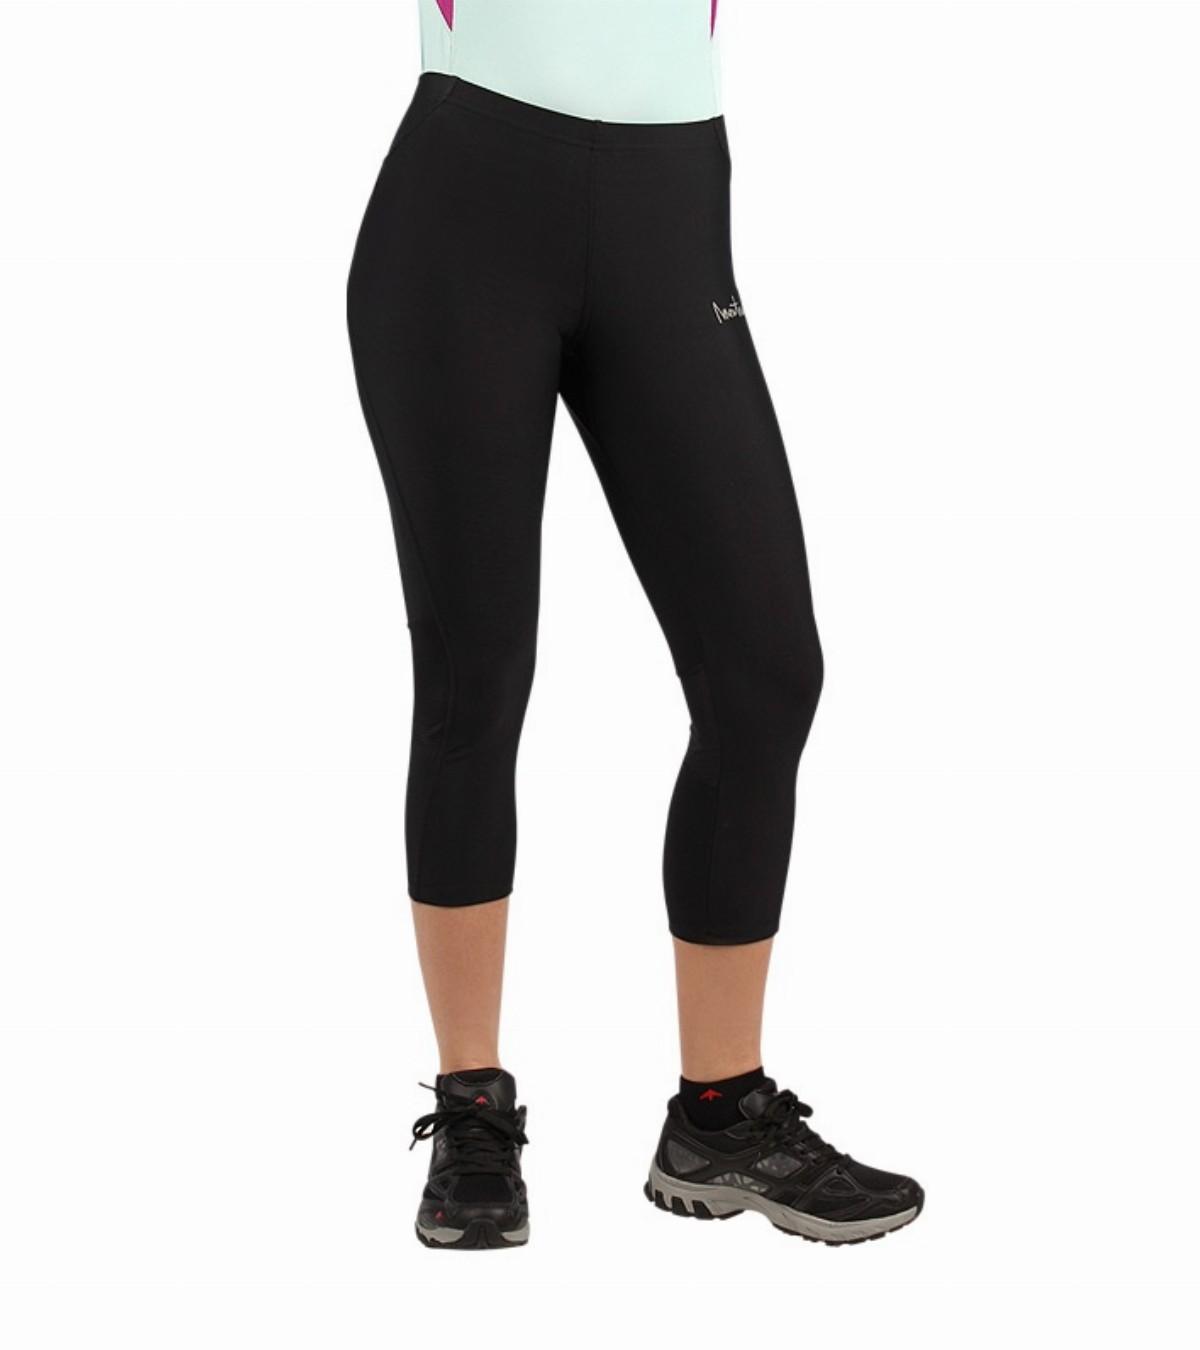 mejores ofertas en primera vista estilo moderno Calza de mujer Running corta